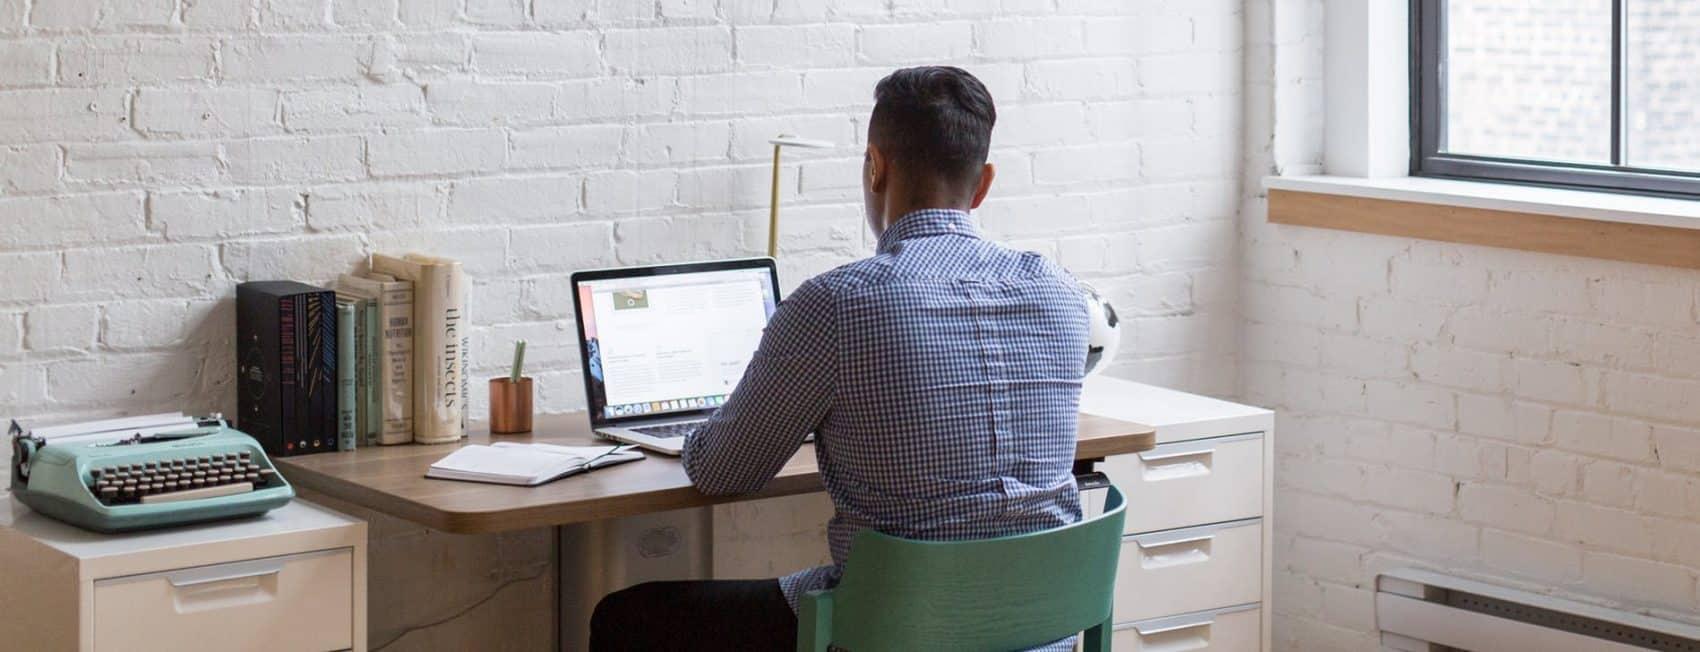 5 Tips om productiever thuis te werken